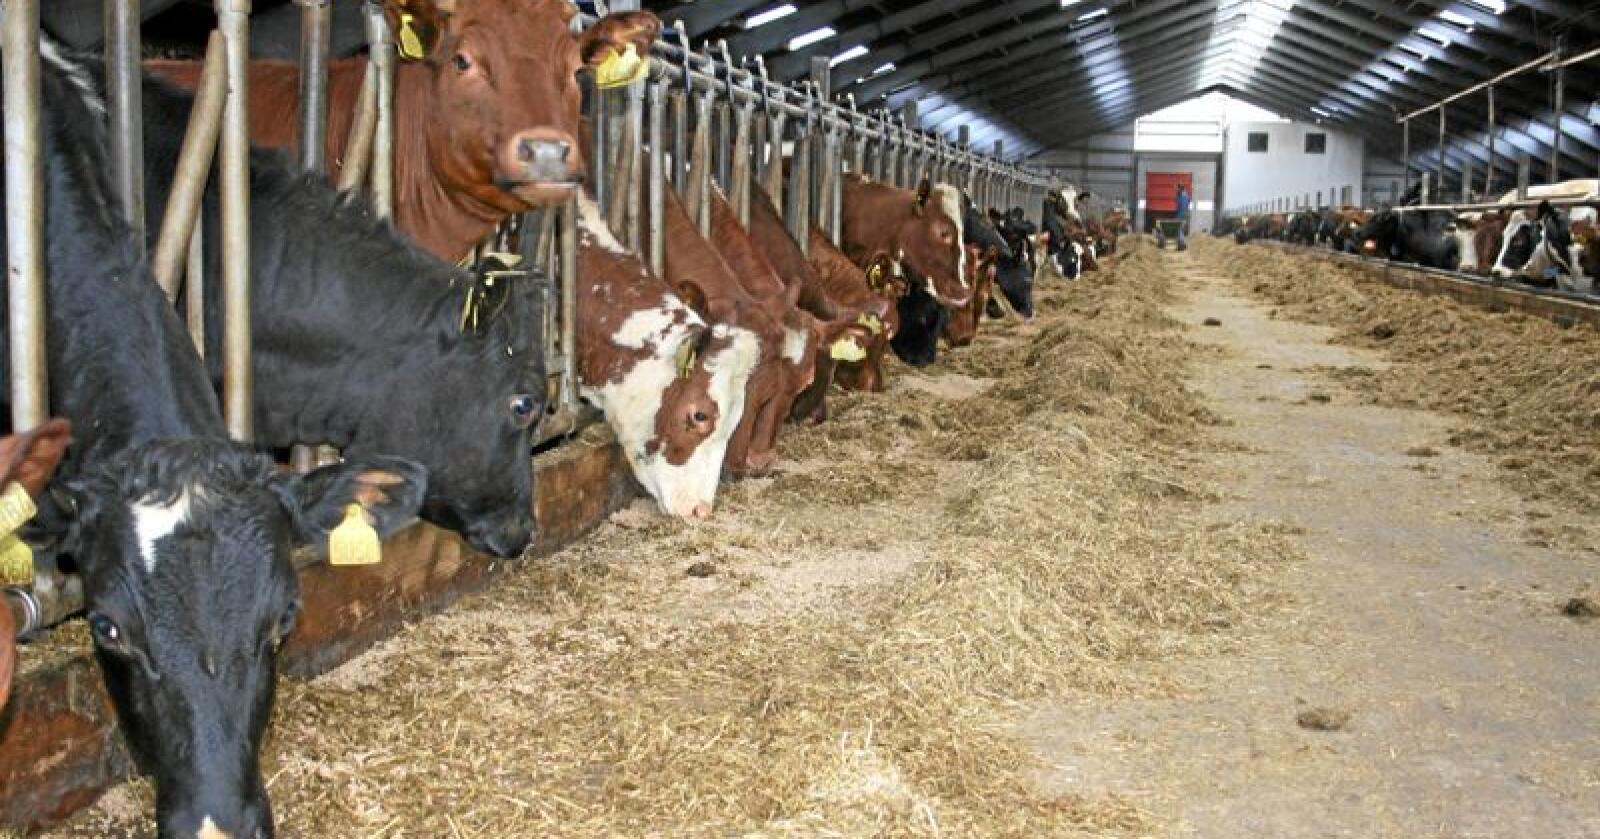 Normalt: Gras og kraftfôr med norsk korn gir normalt klimaavtrykk, skriver innsenderen. Foto: Bjarne B. Aase.